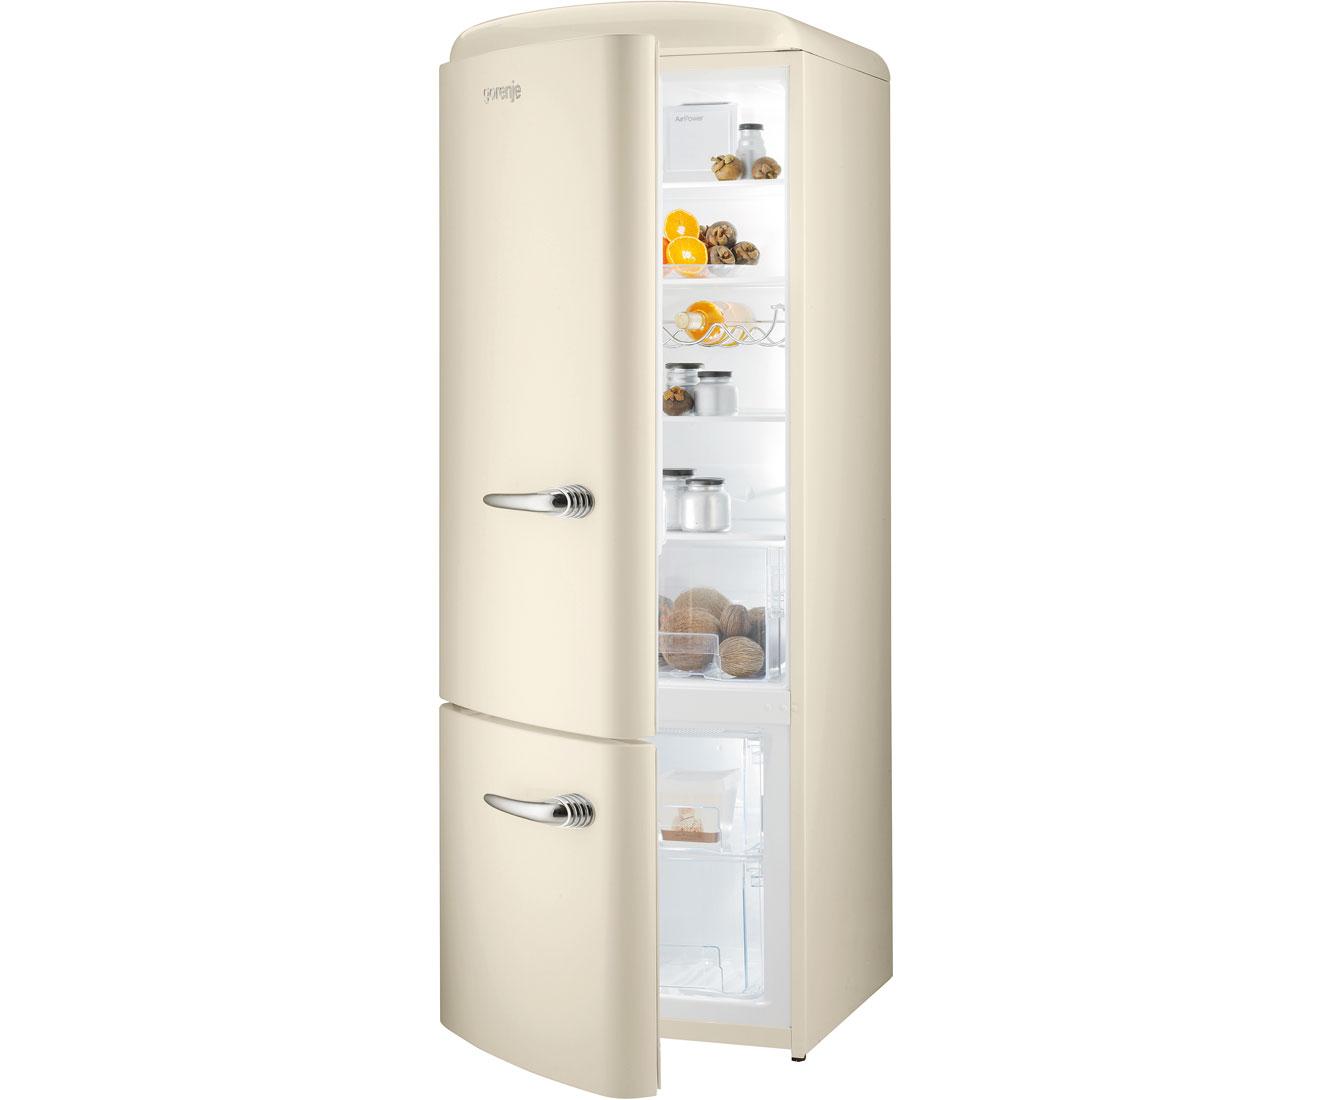 Gorenje Kühlschrank Retro Vw : Gorenje obrb r kühlschrank freistehend cm rot edelstahl